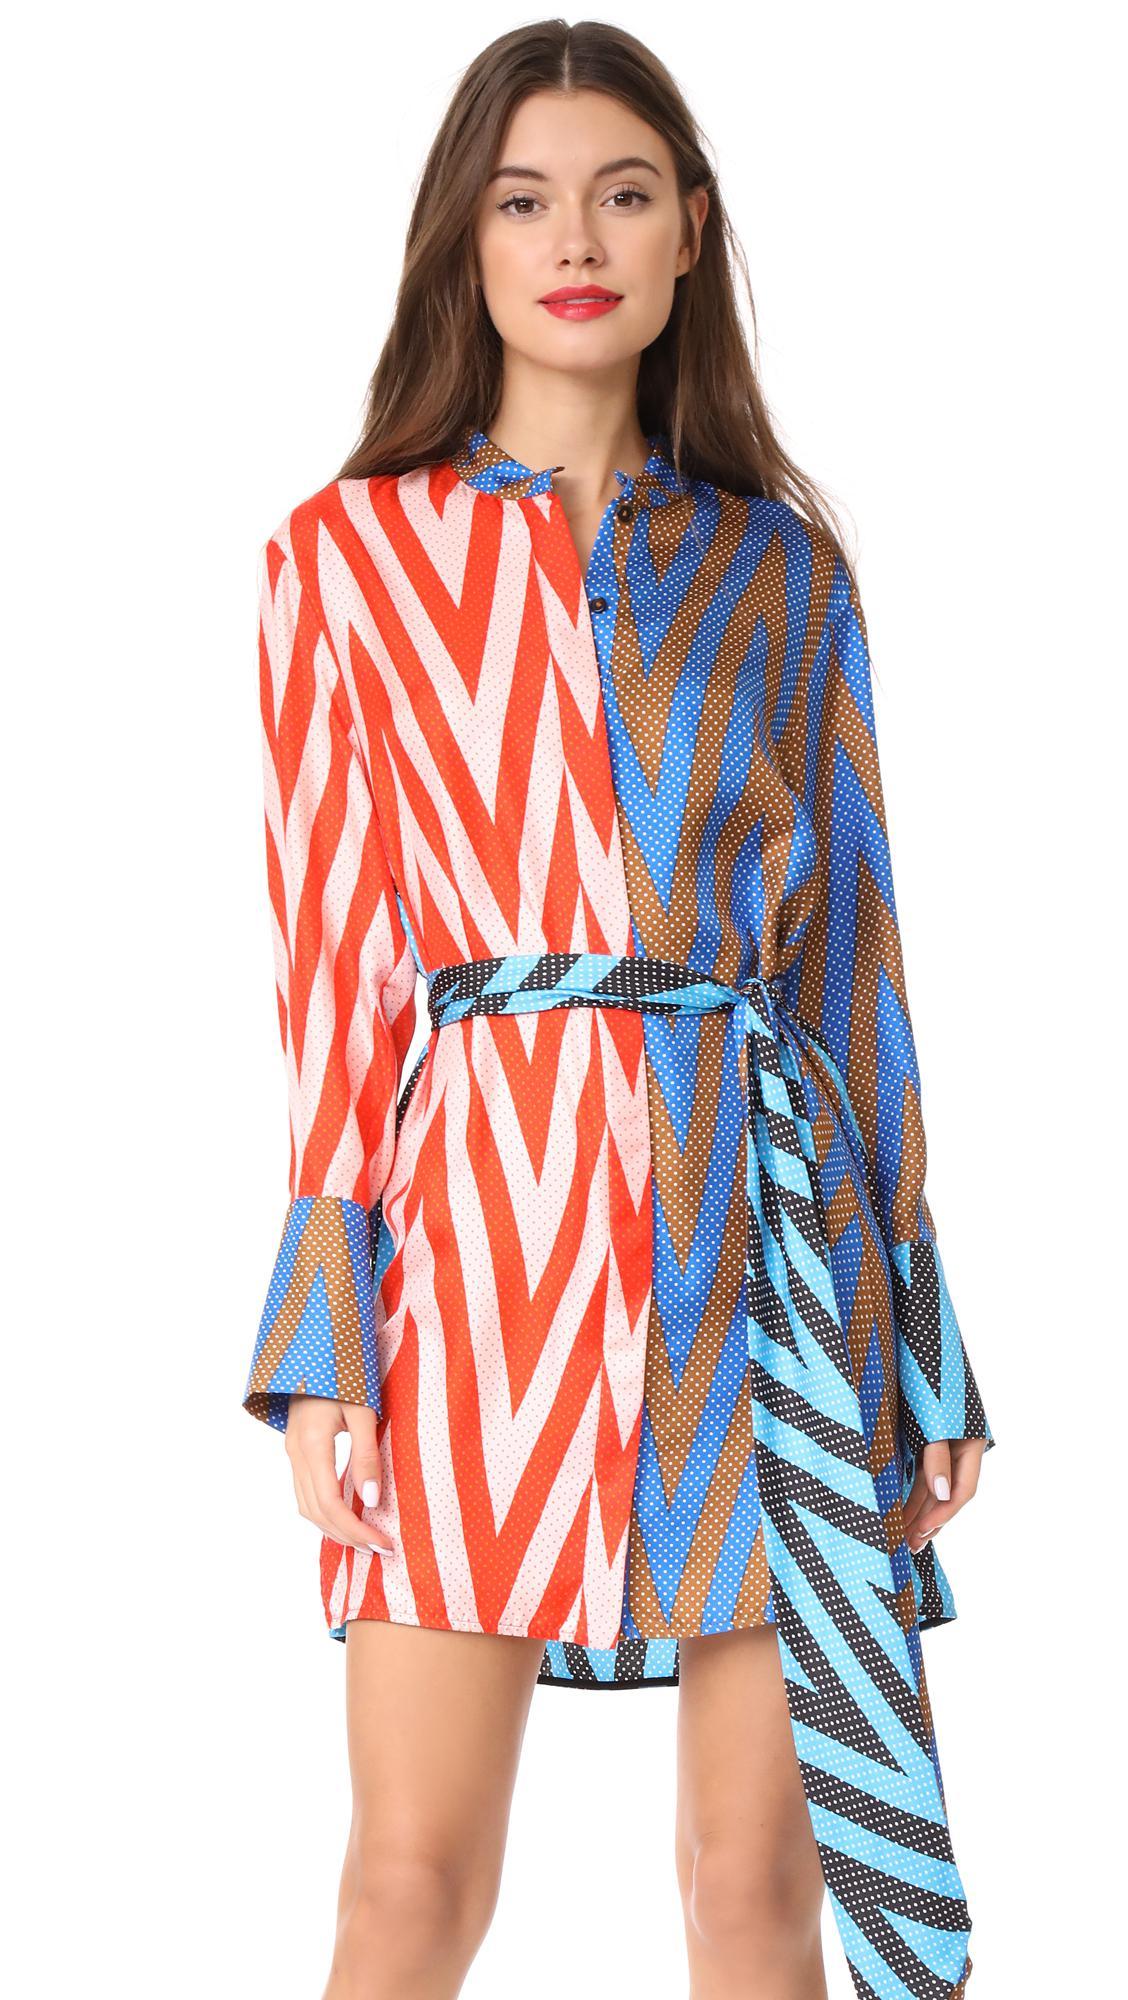 Lyst diane von furstenberg long sleeve shirt dress in blue for Diane von furstenberg shirt